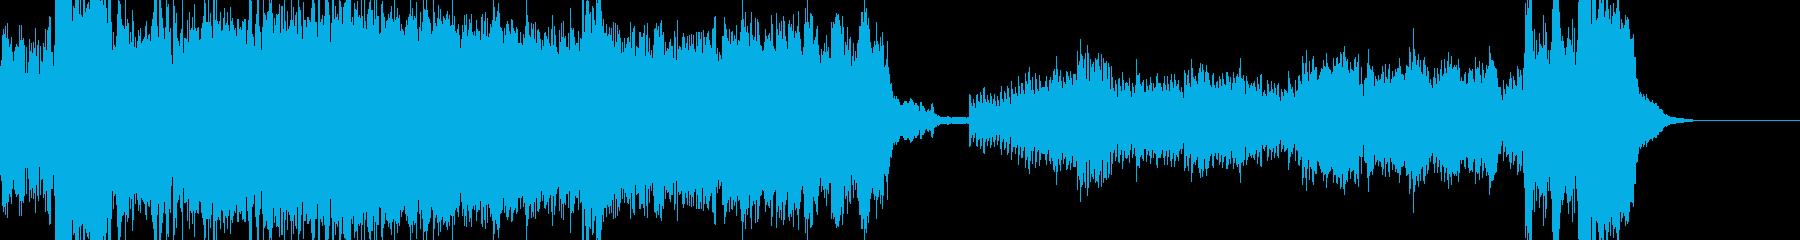 ピアノと弦が組み合わさって、印象的...の再生済みの波形